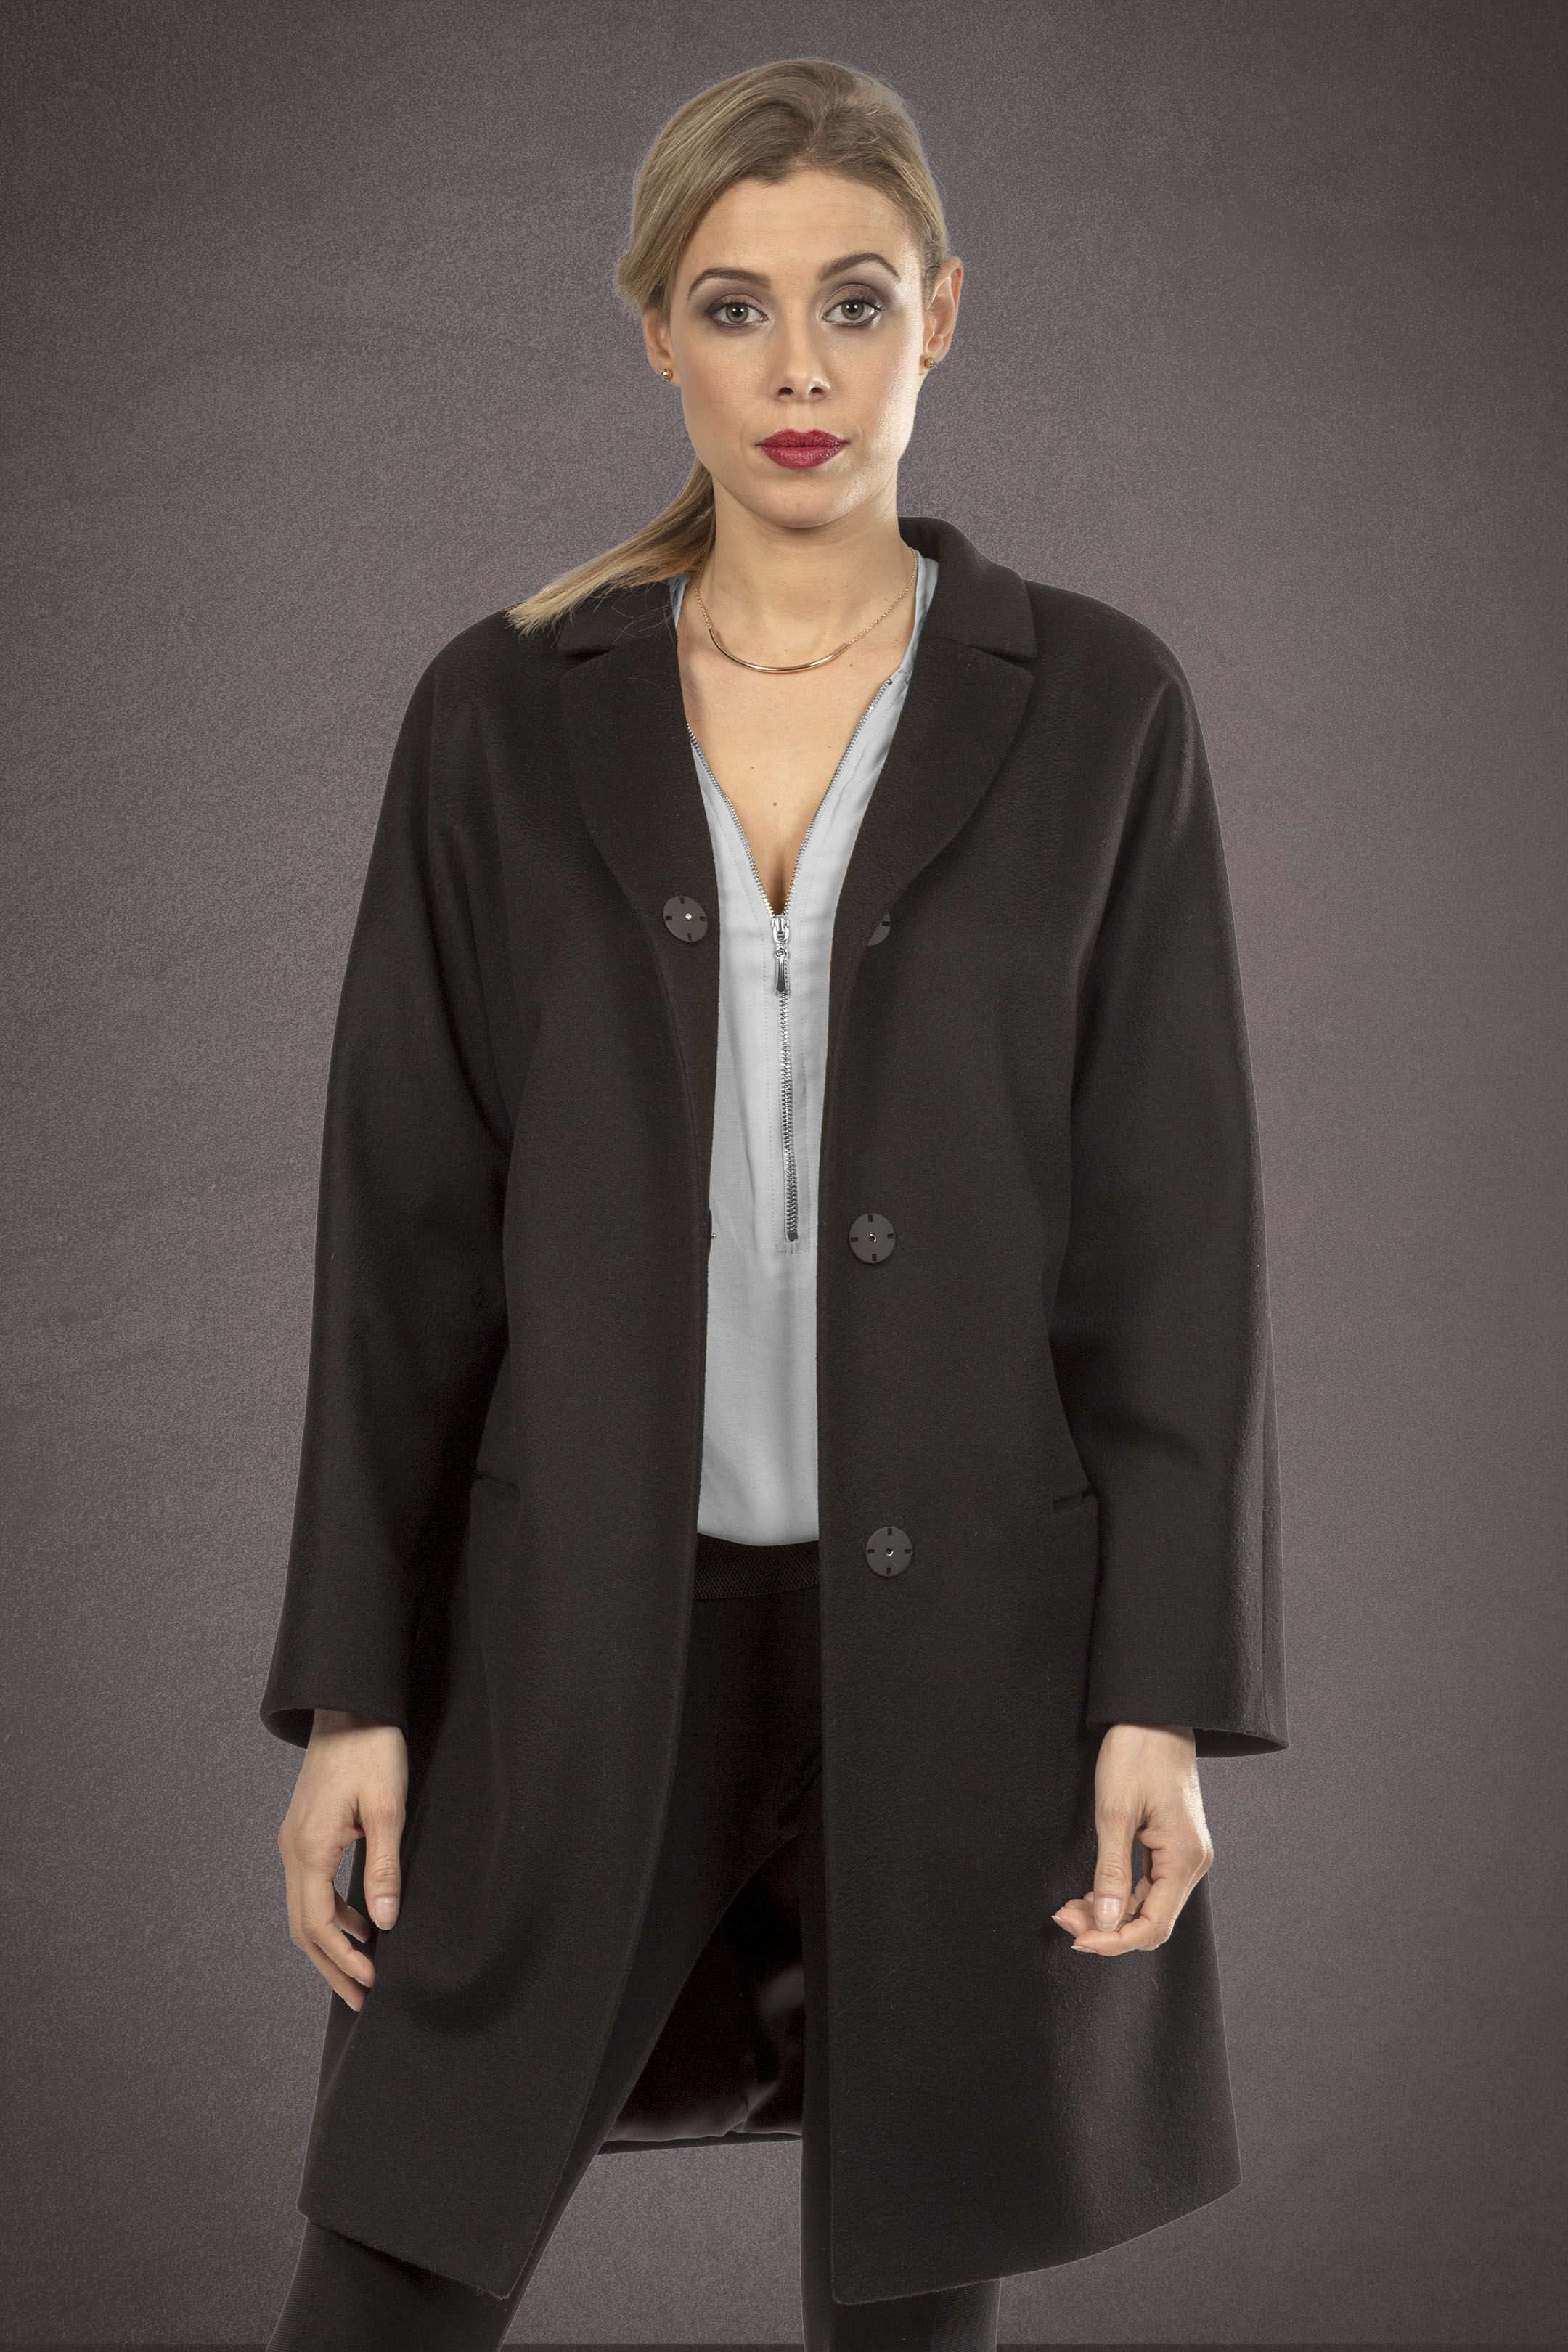 Meldes De Luxe – Manteau laine large col tailleur – Noir – Réf: 371-1-01